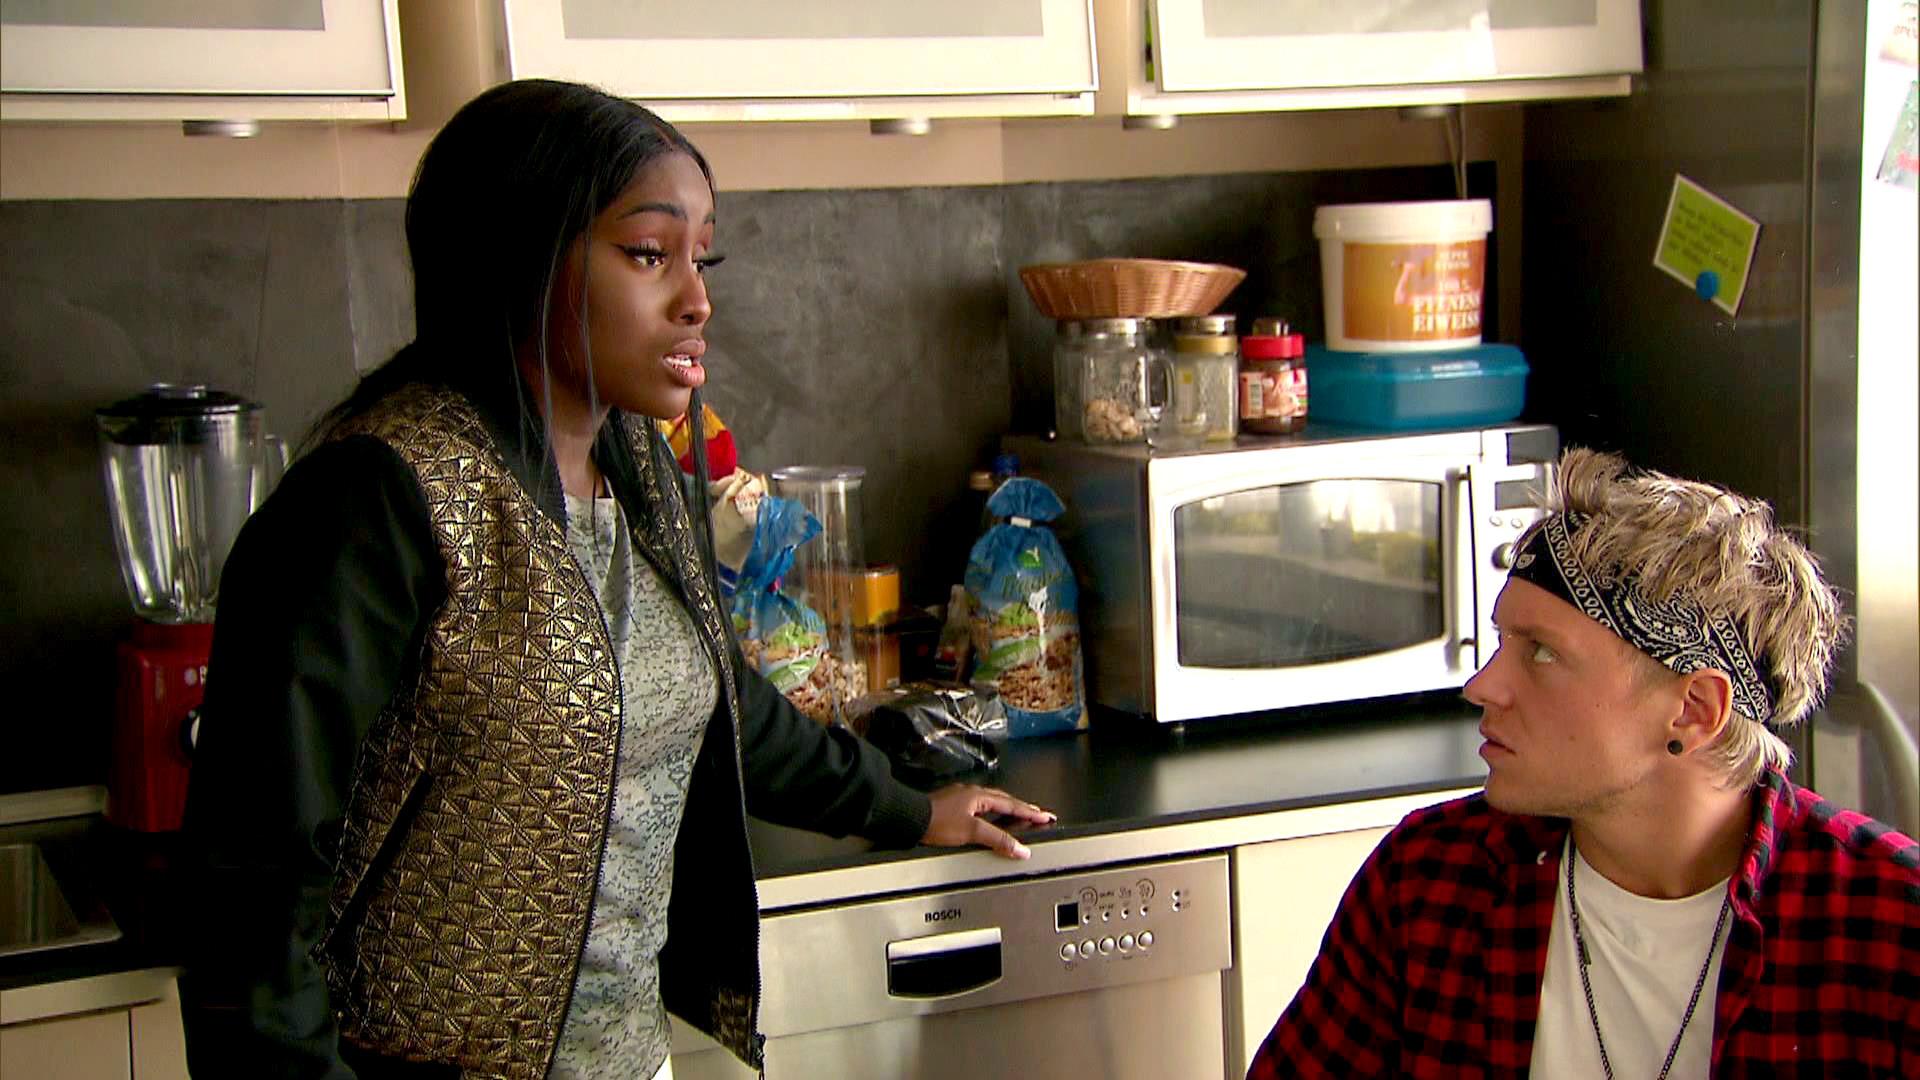 Michelle kommt nach ihrer Nachtschicht übel zugerichtet nach Hause, eine Mädchengang hat ihr die Schuhe geklaut. Sie schwört auf Rache.. (Foto, re.: Kevin) (Quelle: RTL2)